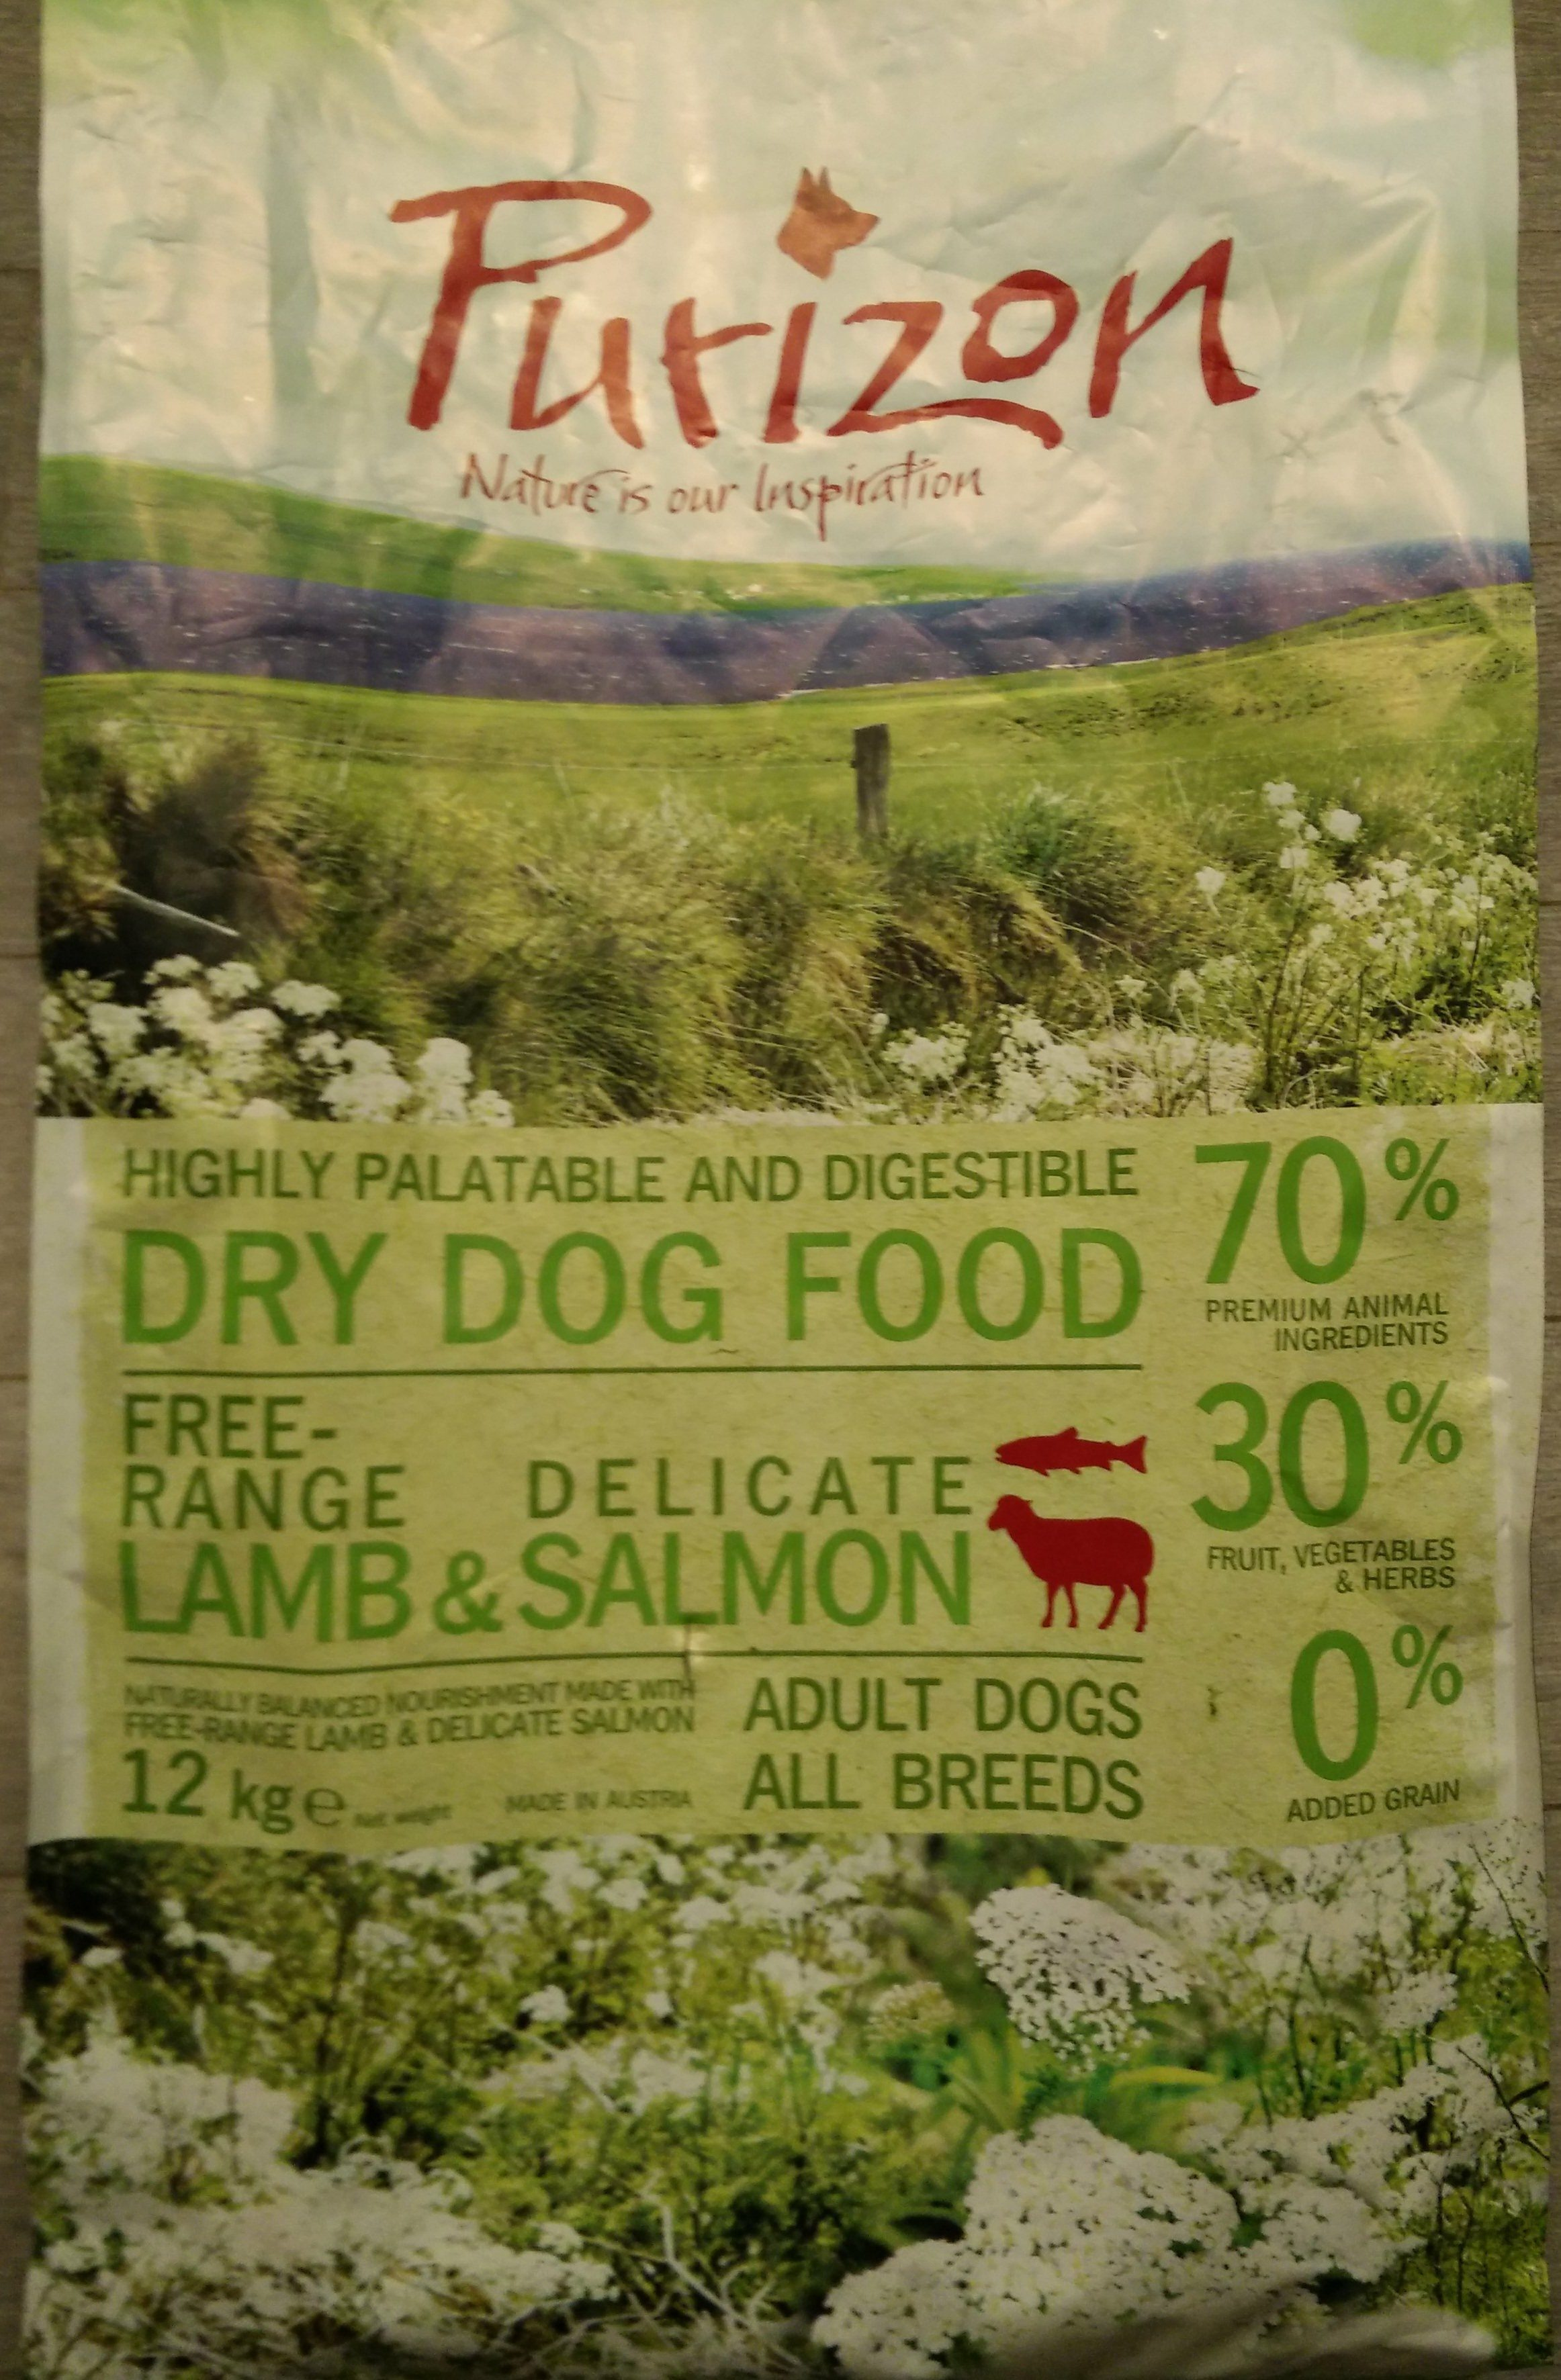 Purizon Lamb & Salmon - Ingredients